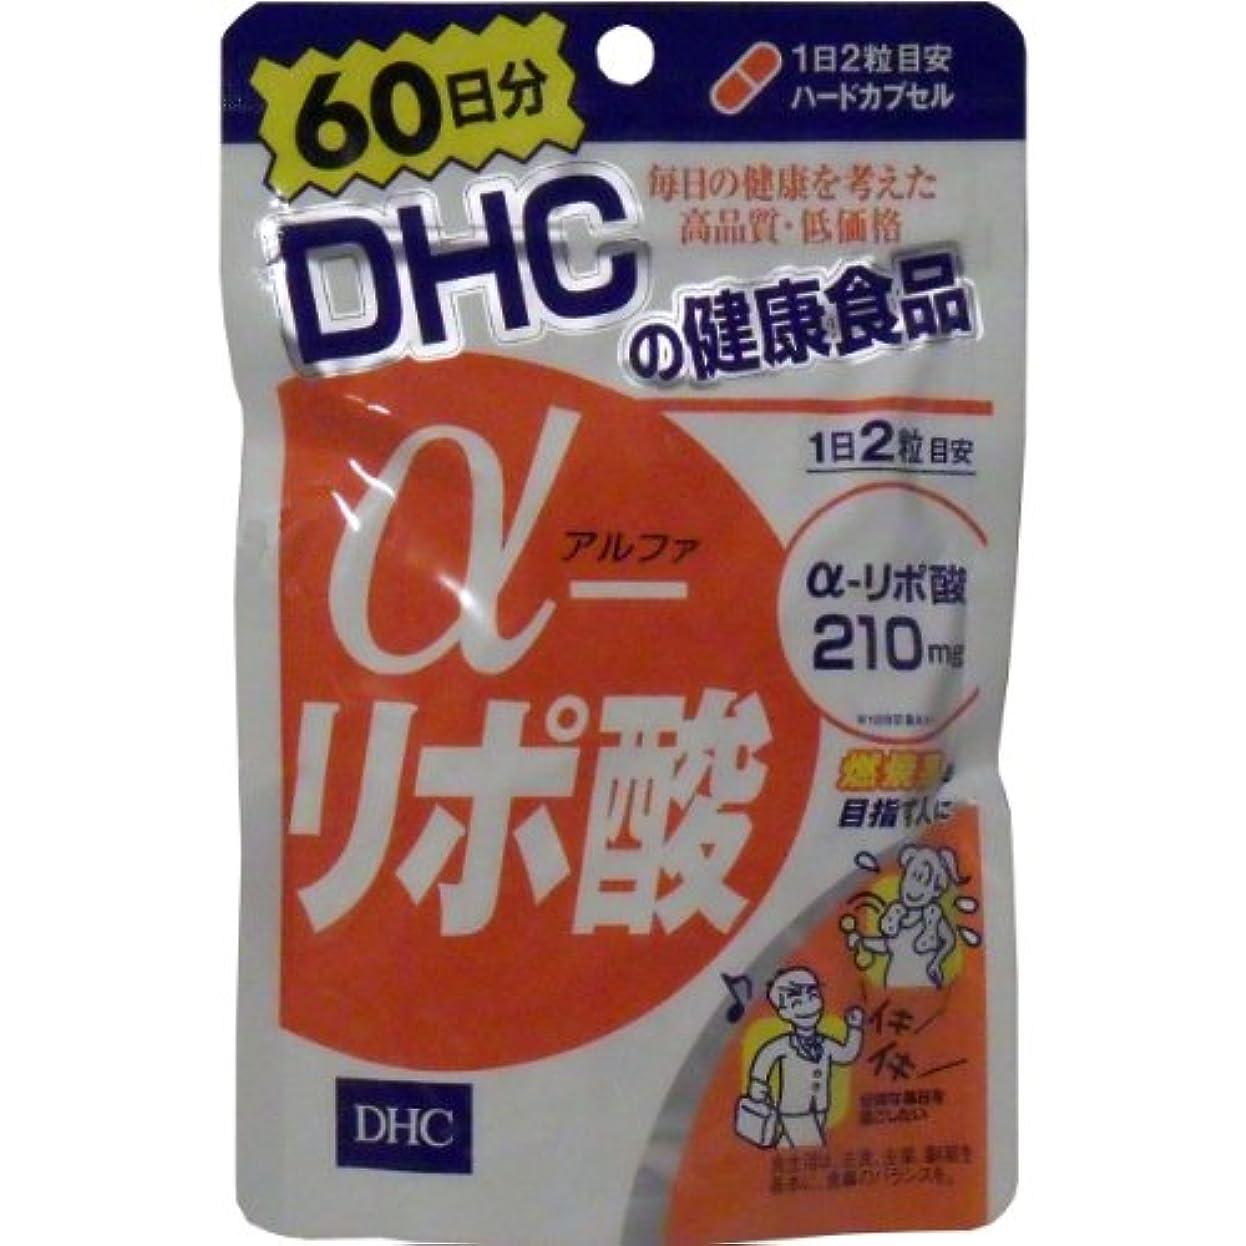 釈義リブ話すDHC α-リポ酸 120粒 60日分 ×2個セット